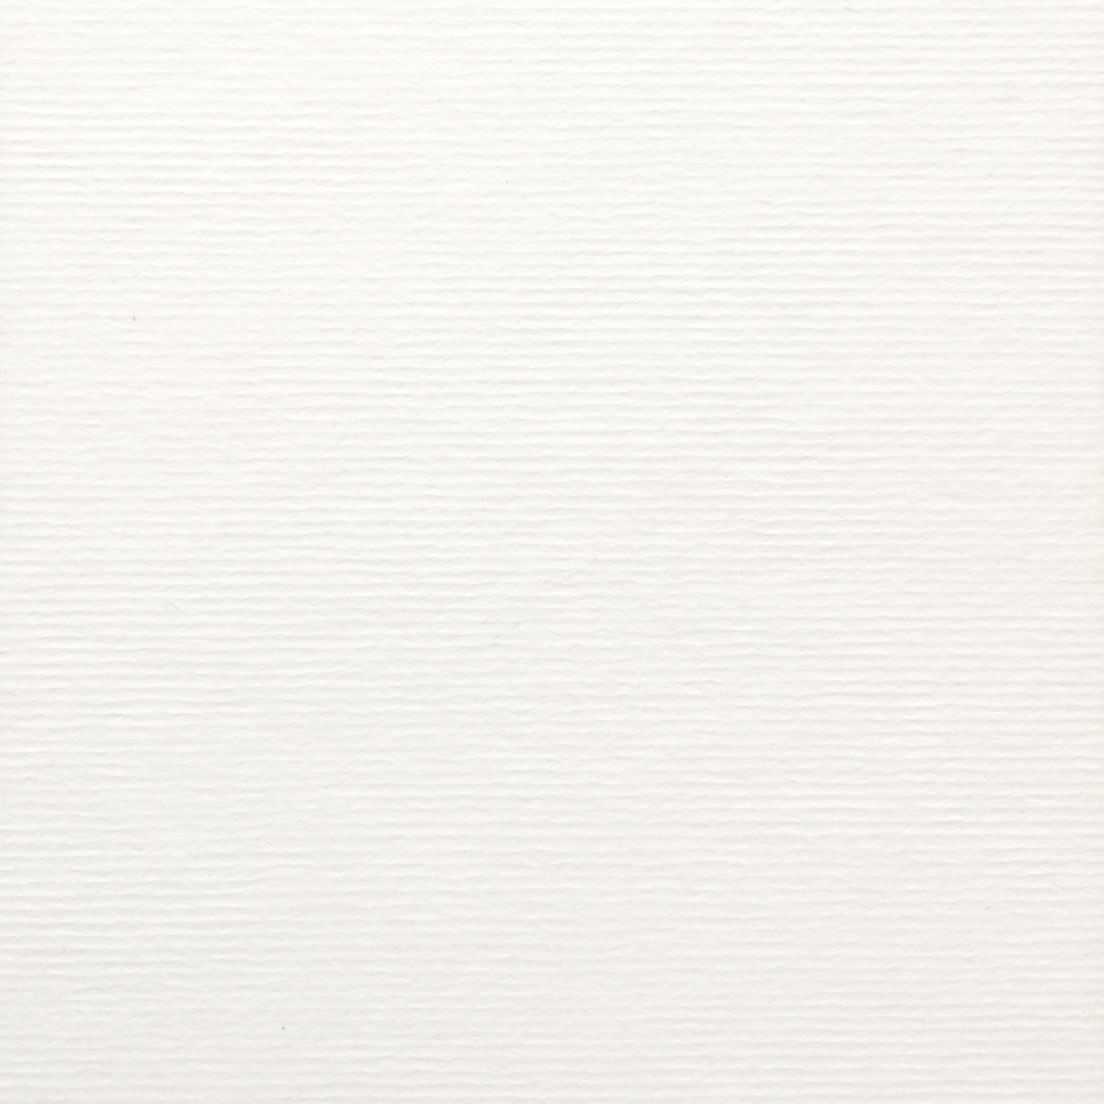 2,3 mm standard-passepartout efter mått 10x15 cm   polarvit